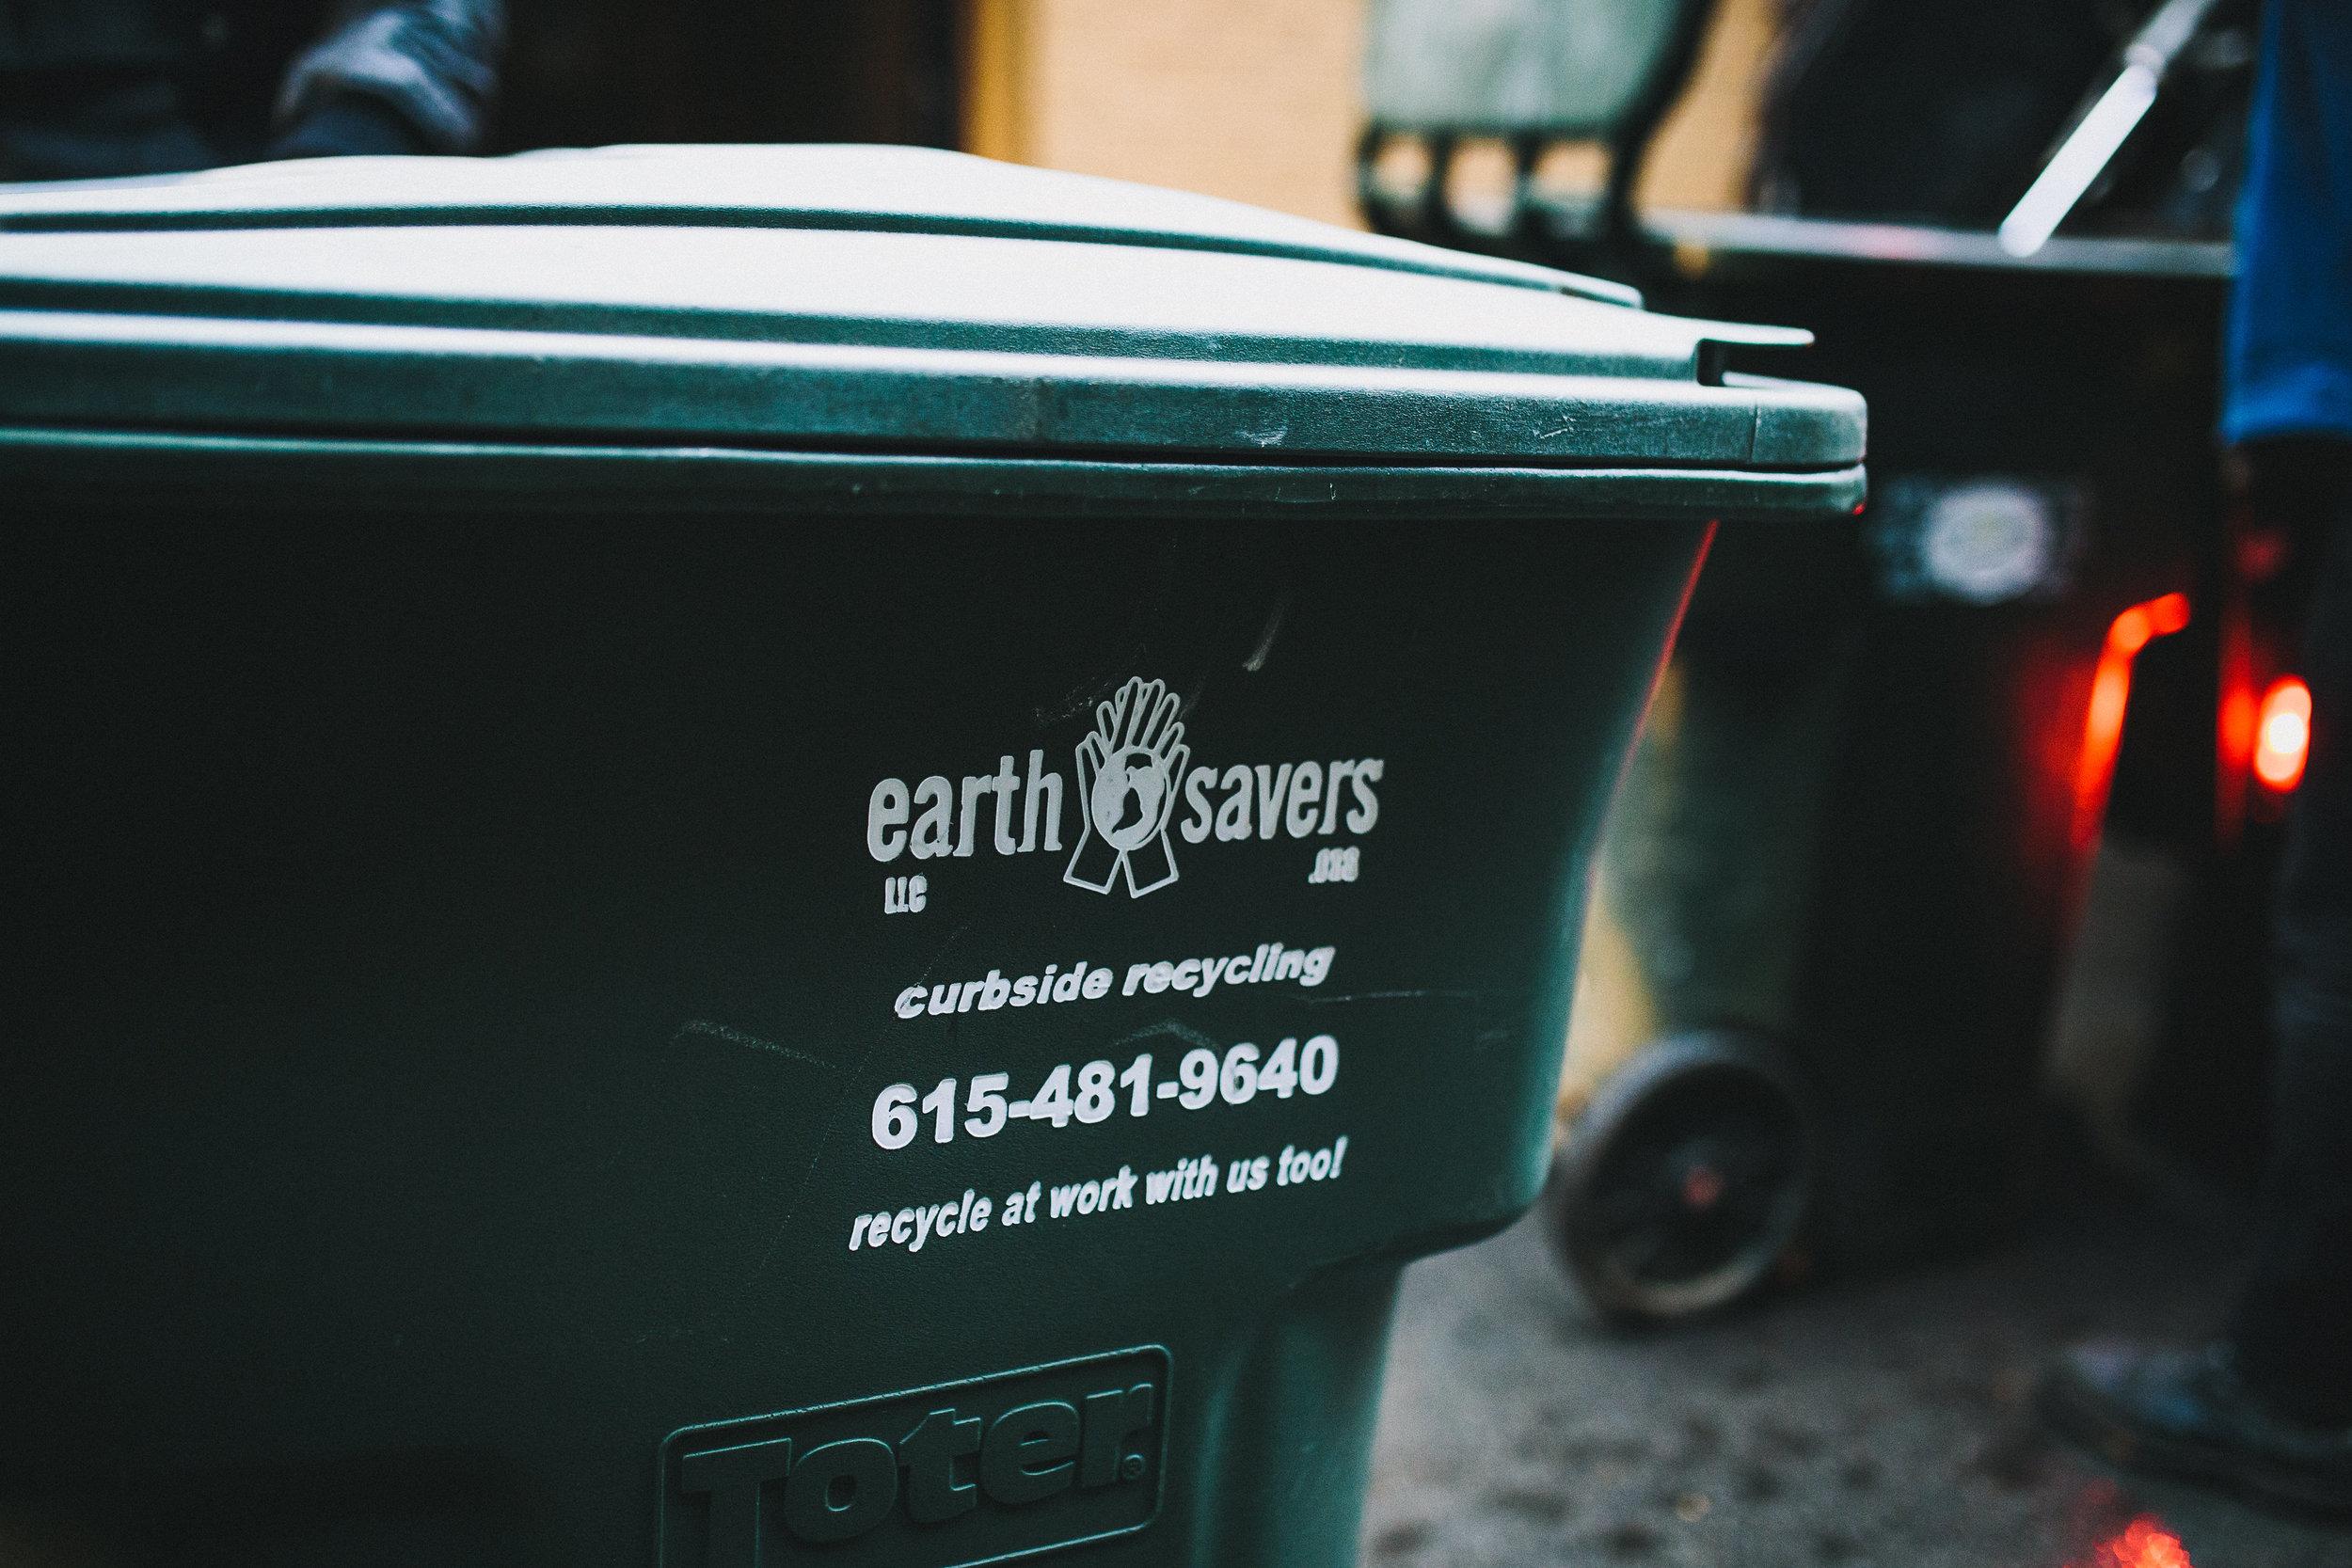 earthsavers-21.jpg